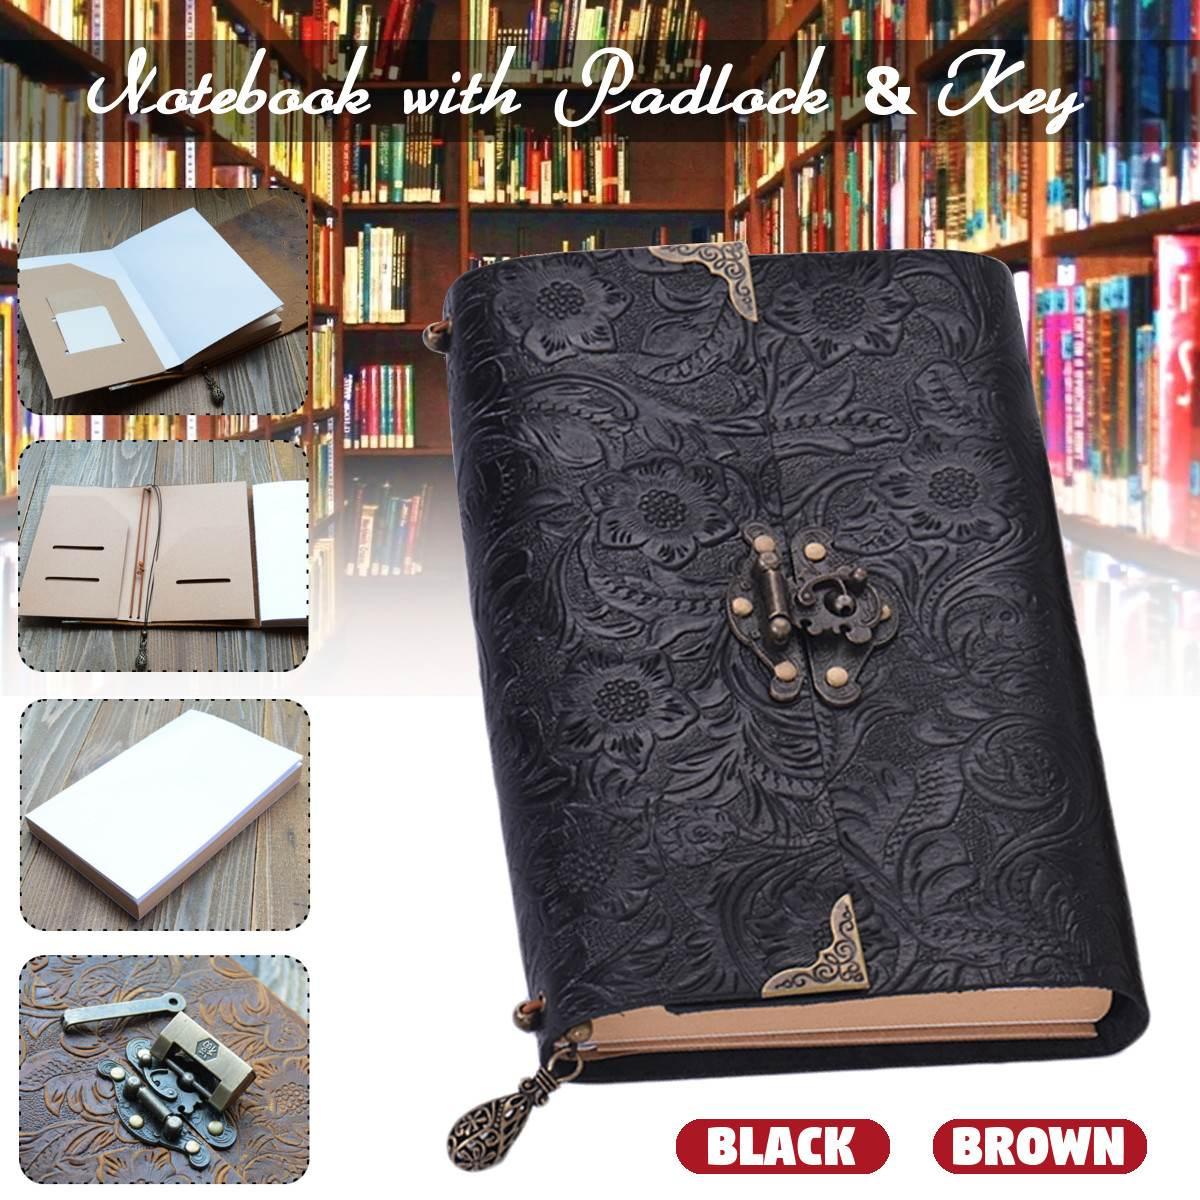 Padrão em relevo Couro Macio Caderno de Viagem com cadeado e Chave Esboçar Diário Notepad Papel Kraft para Business & Escrita